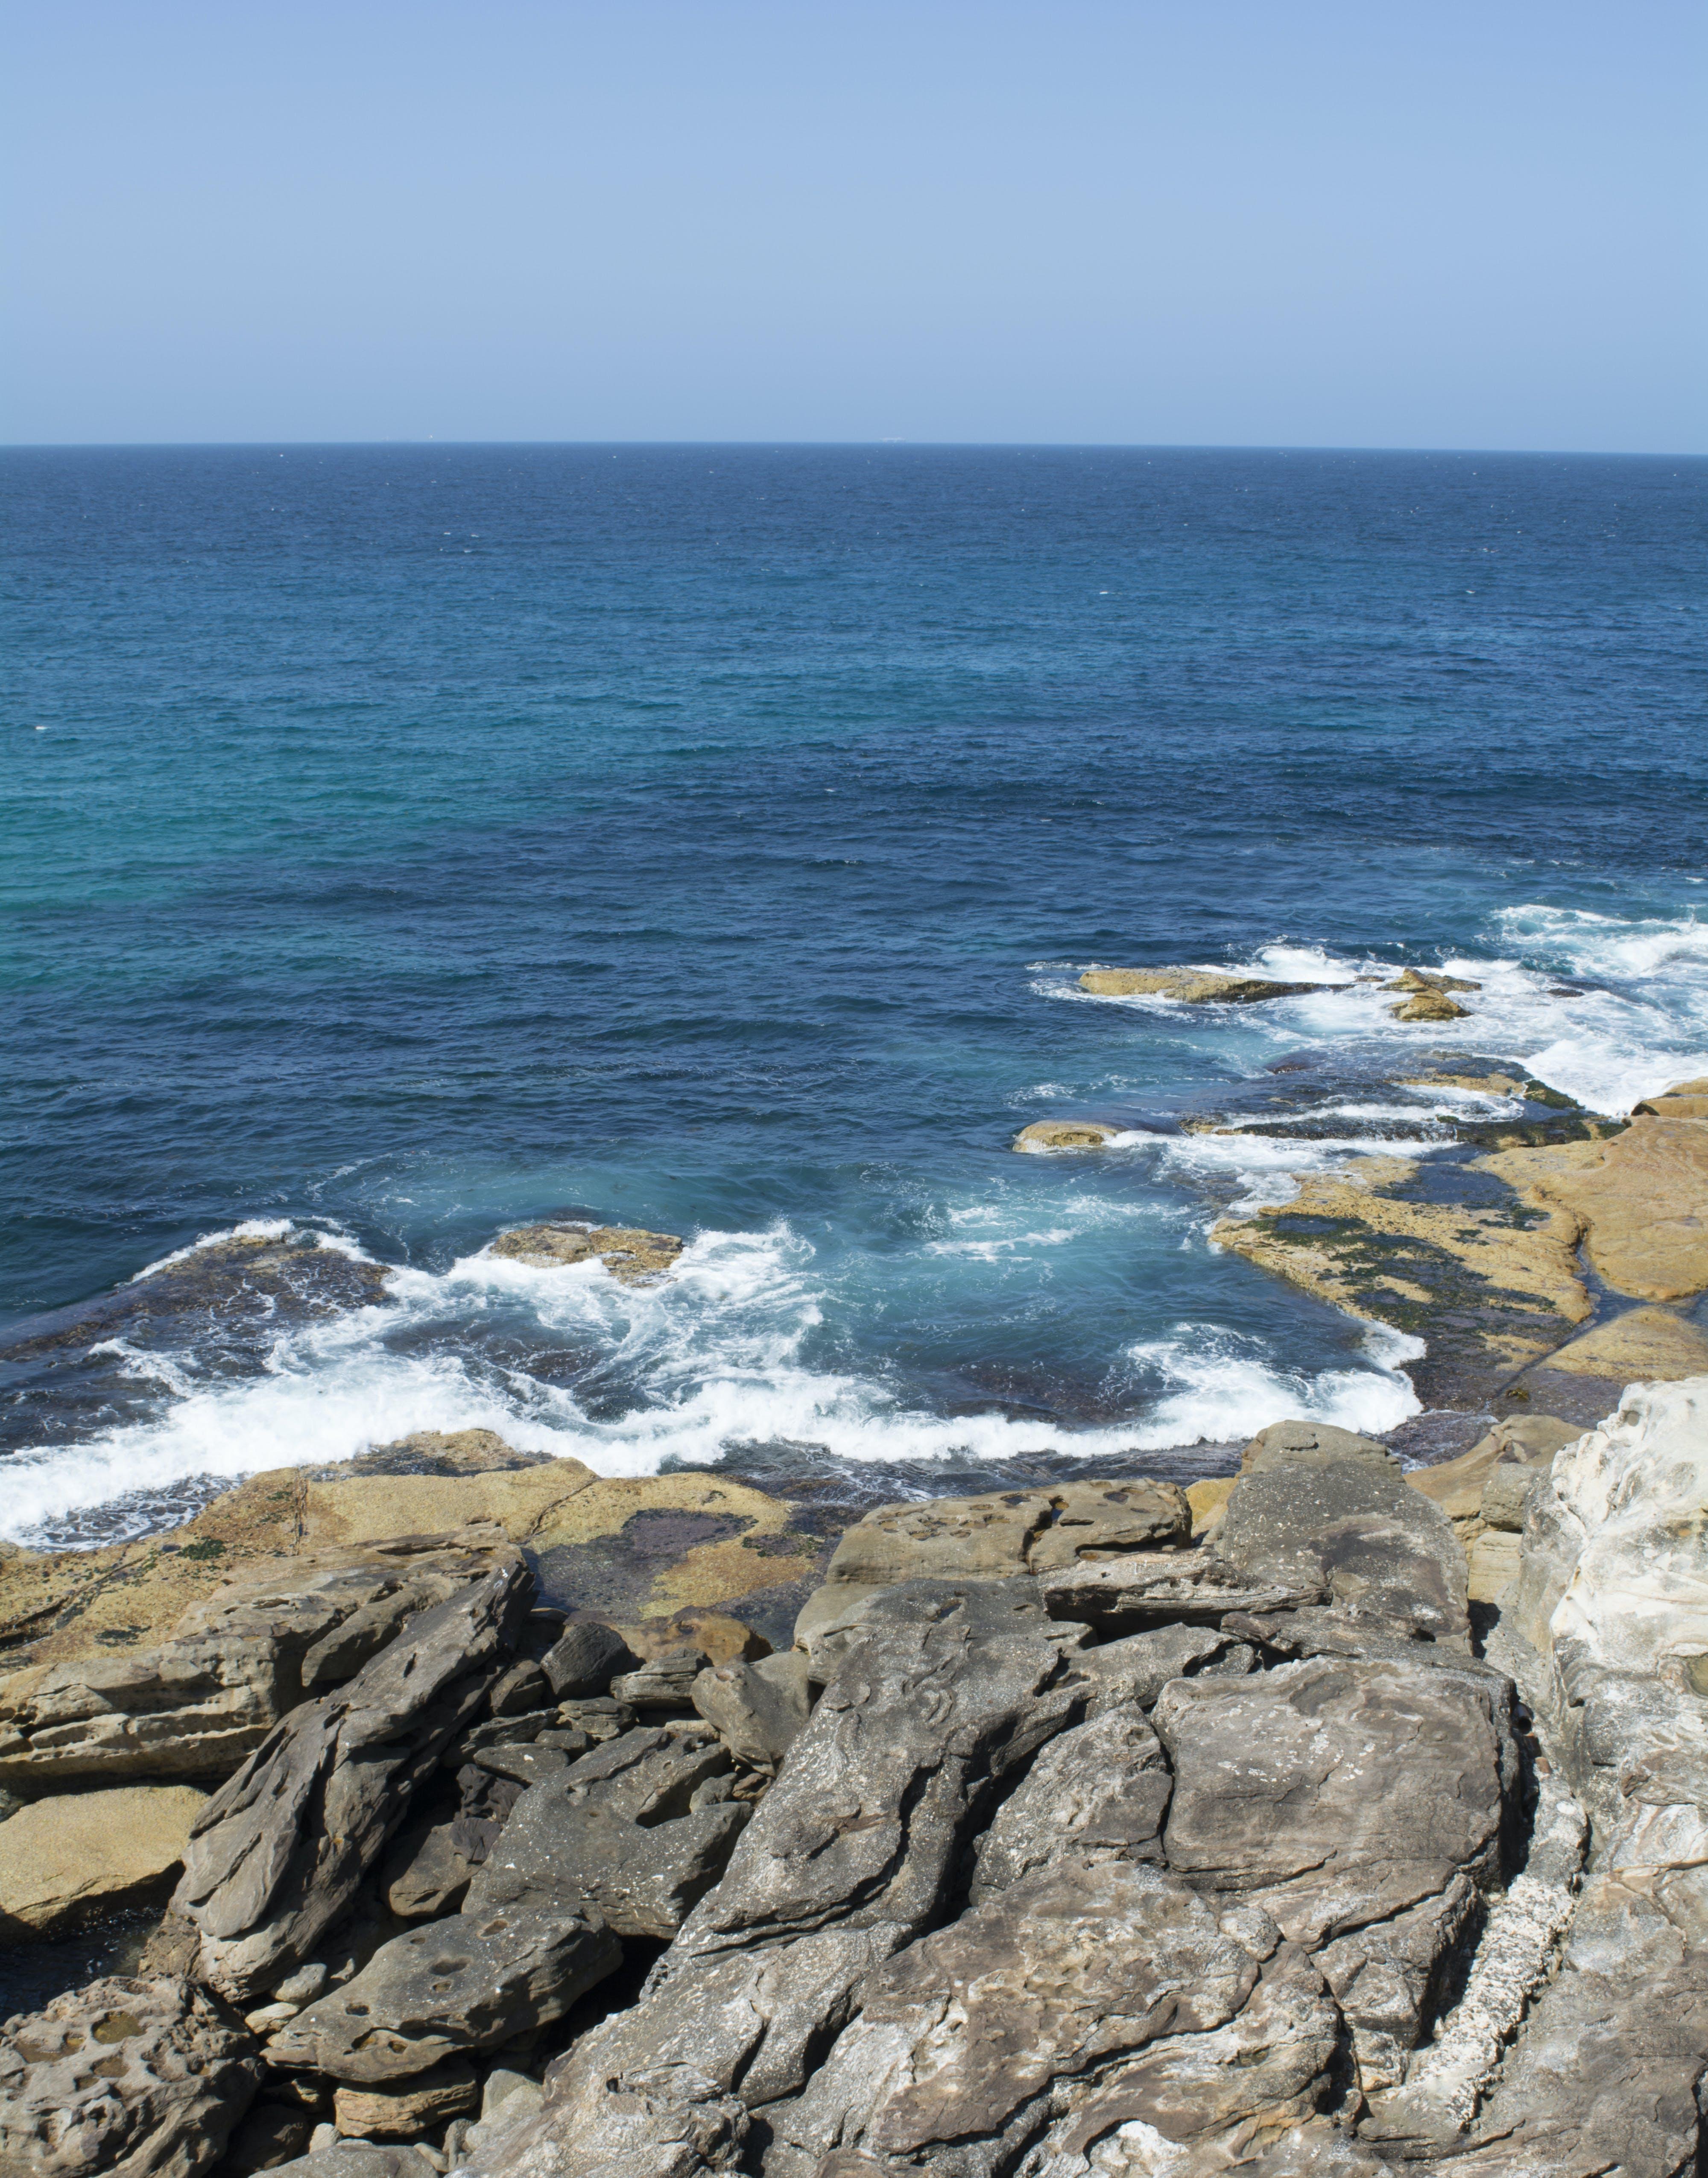 地平線, 太平洋, 海, 海洋 的 免費圖庫相片